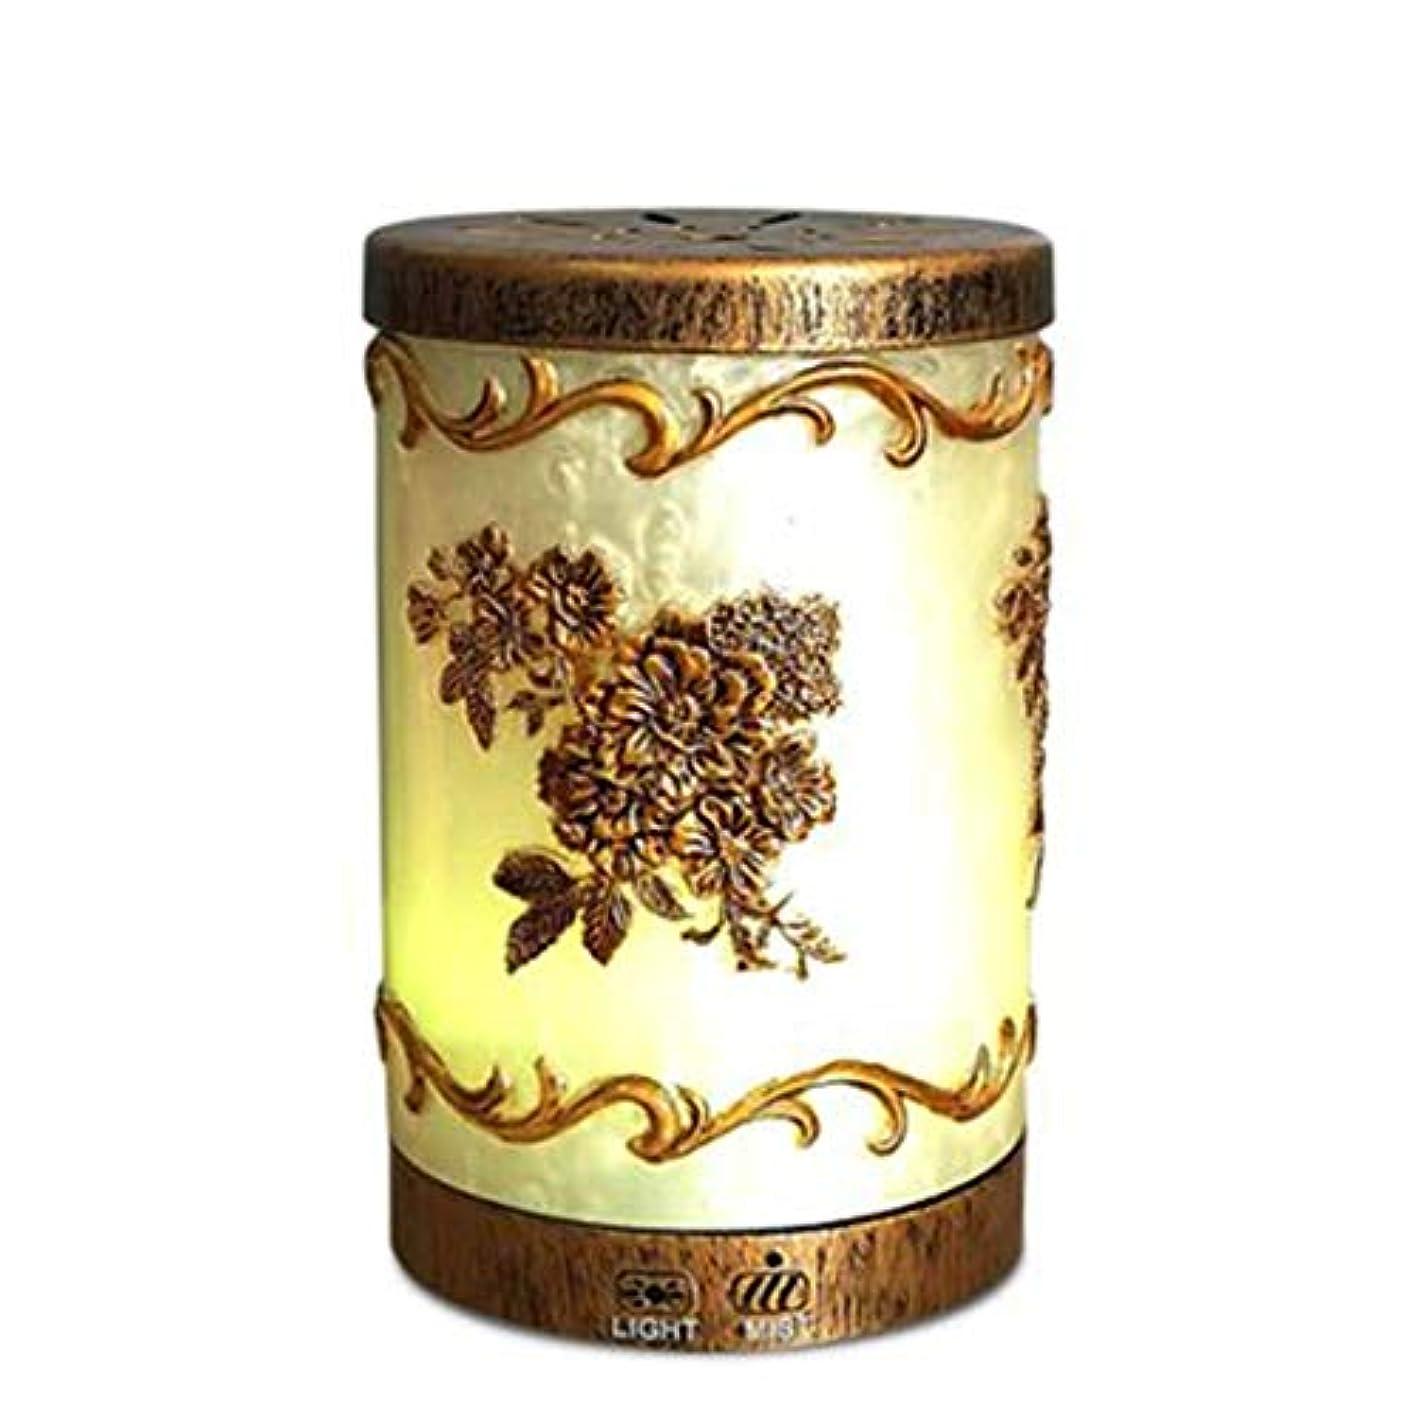 遺産市民ギャザー多彩な芳香ランプ、超音波機械、理性的な古典的な浮彫りにされたパターン拡散器の器械 (Color : Natural)